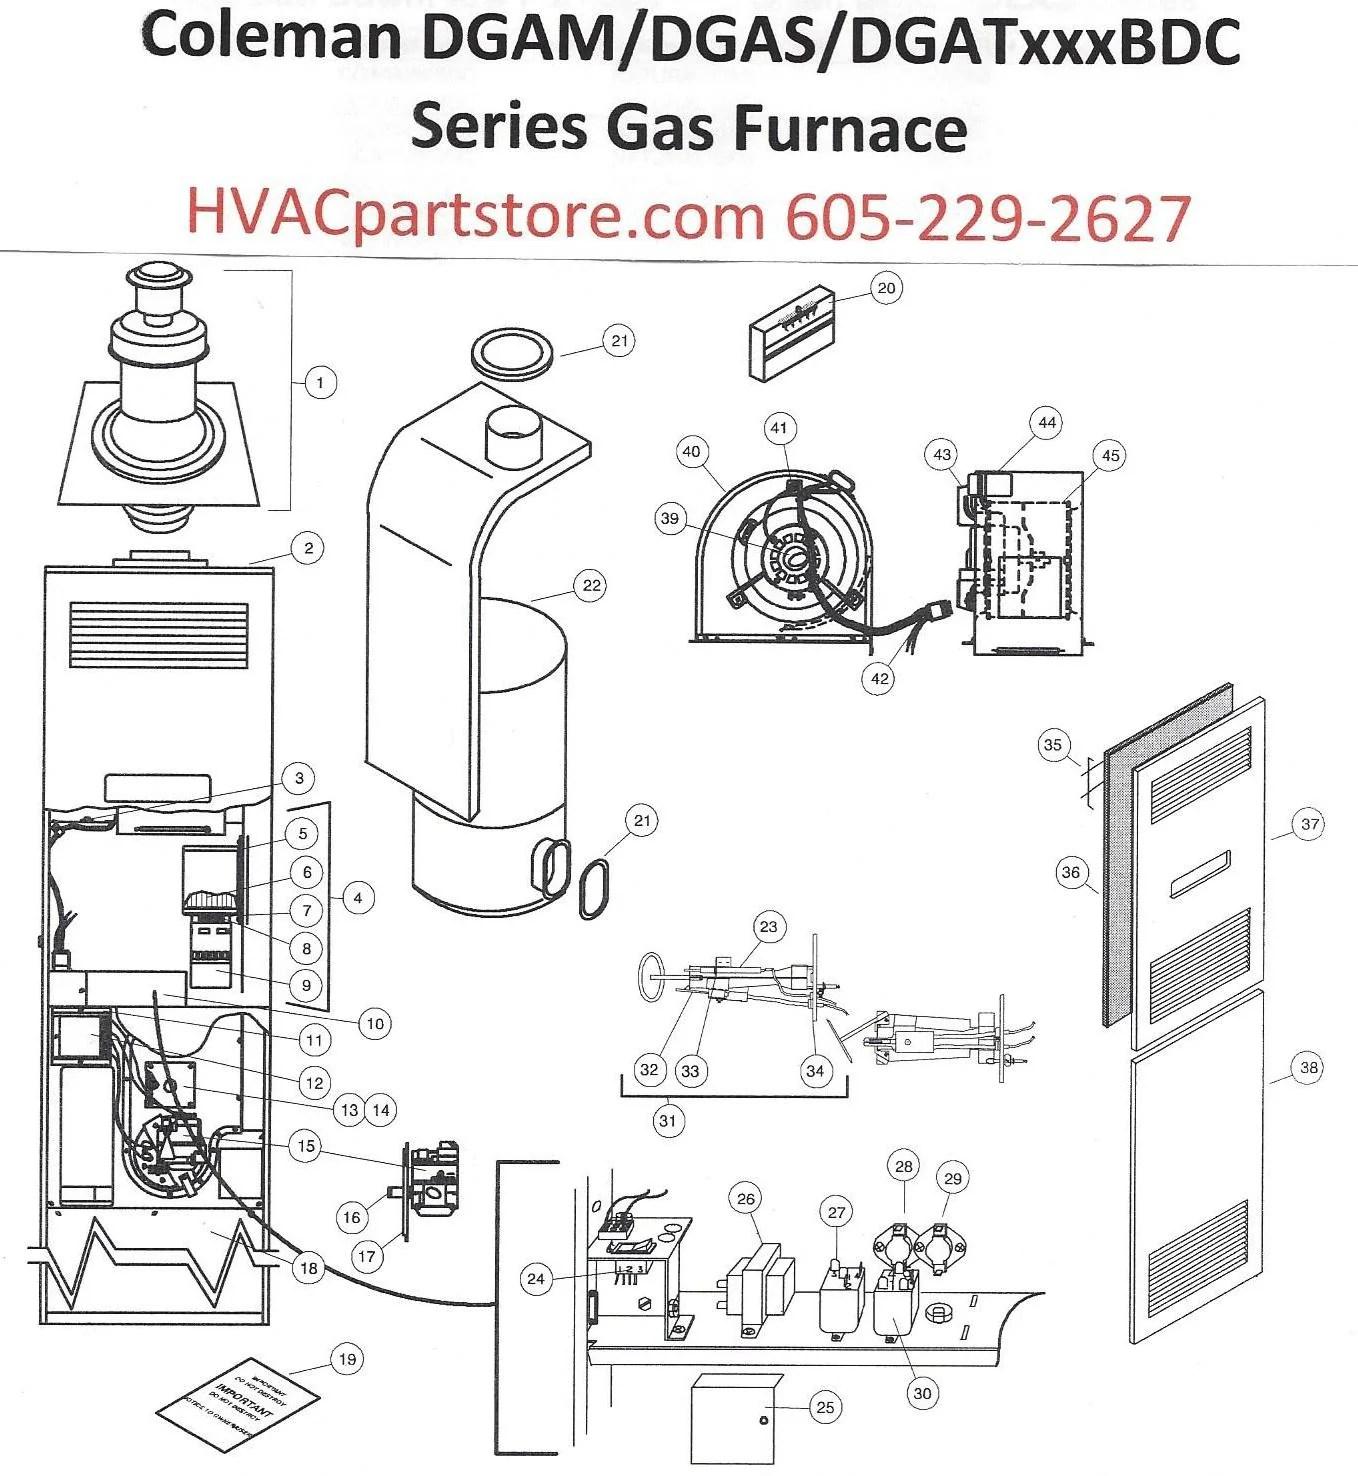 dgat070bdd coleman gas furnace parts hvacpartstore rh hvacpartstore myshopify com gas furnace parts diagram house trailer [ 1358 x 1476 Pixel ]